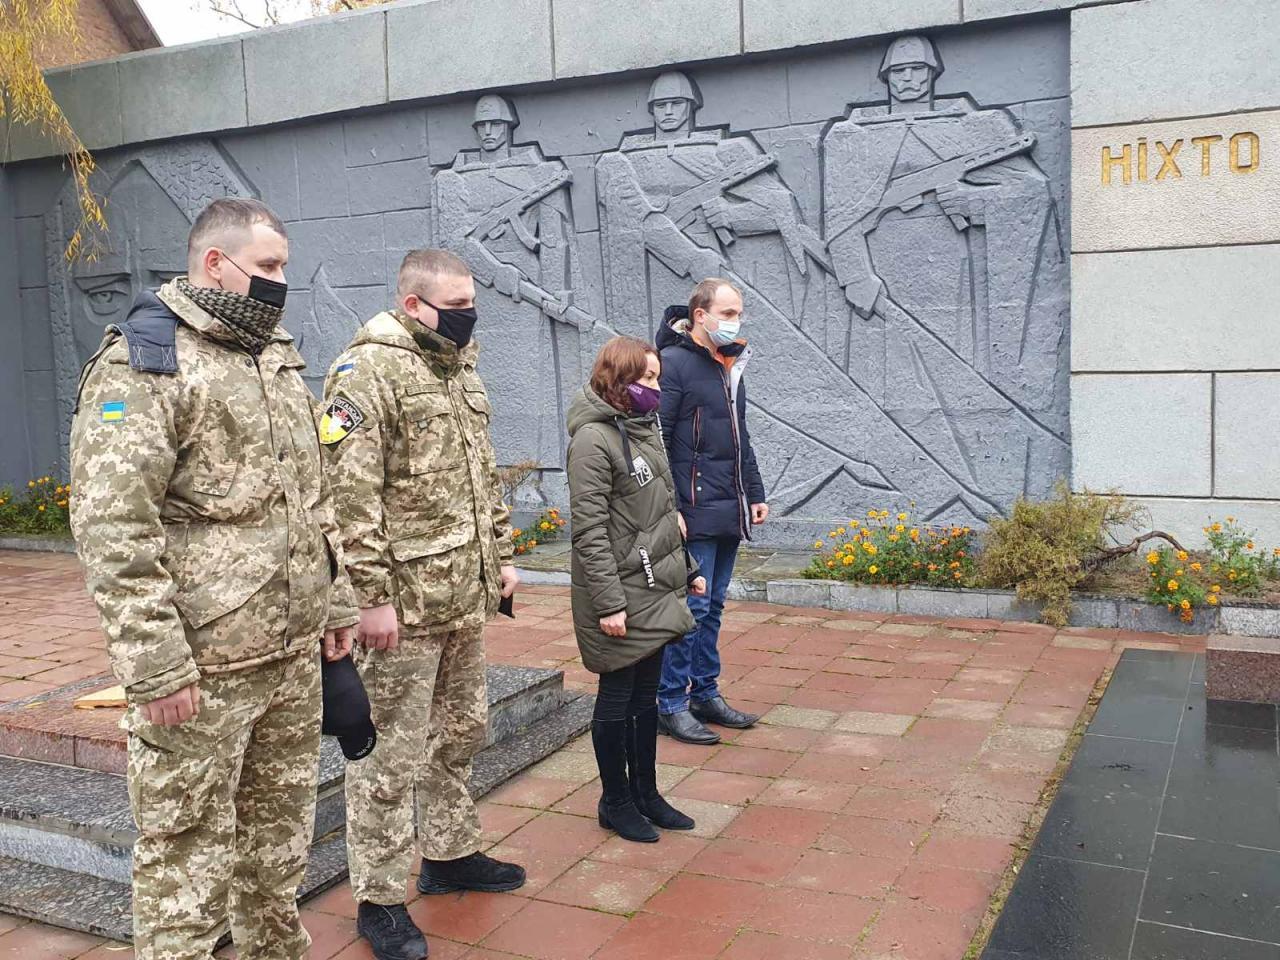 http://dunrada.gov.ua/uploadfile/archive_news/2020/11/20/2020-11-20_4933/images/images-63497.jpg